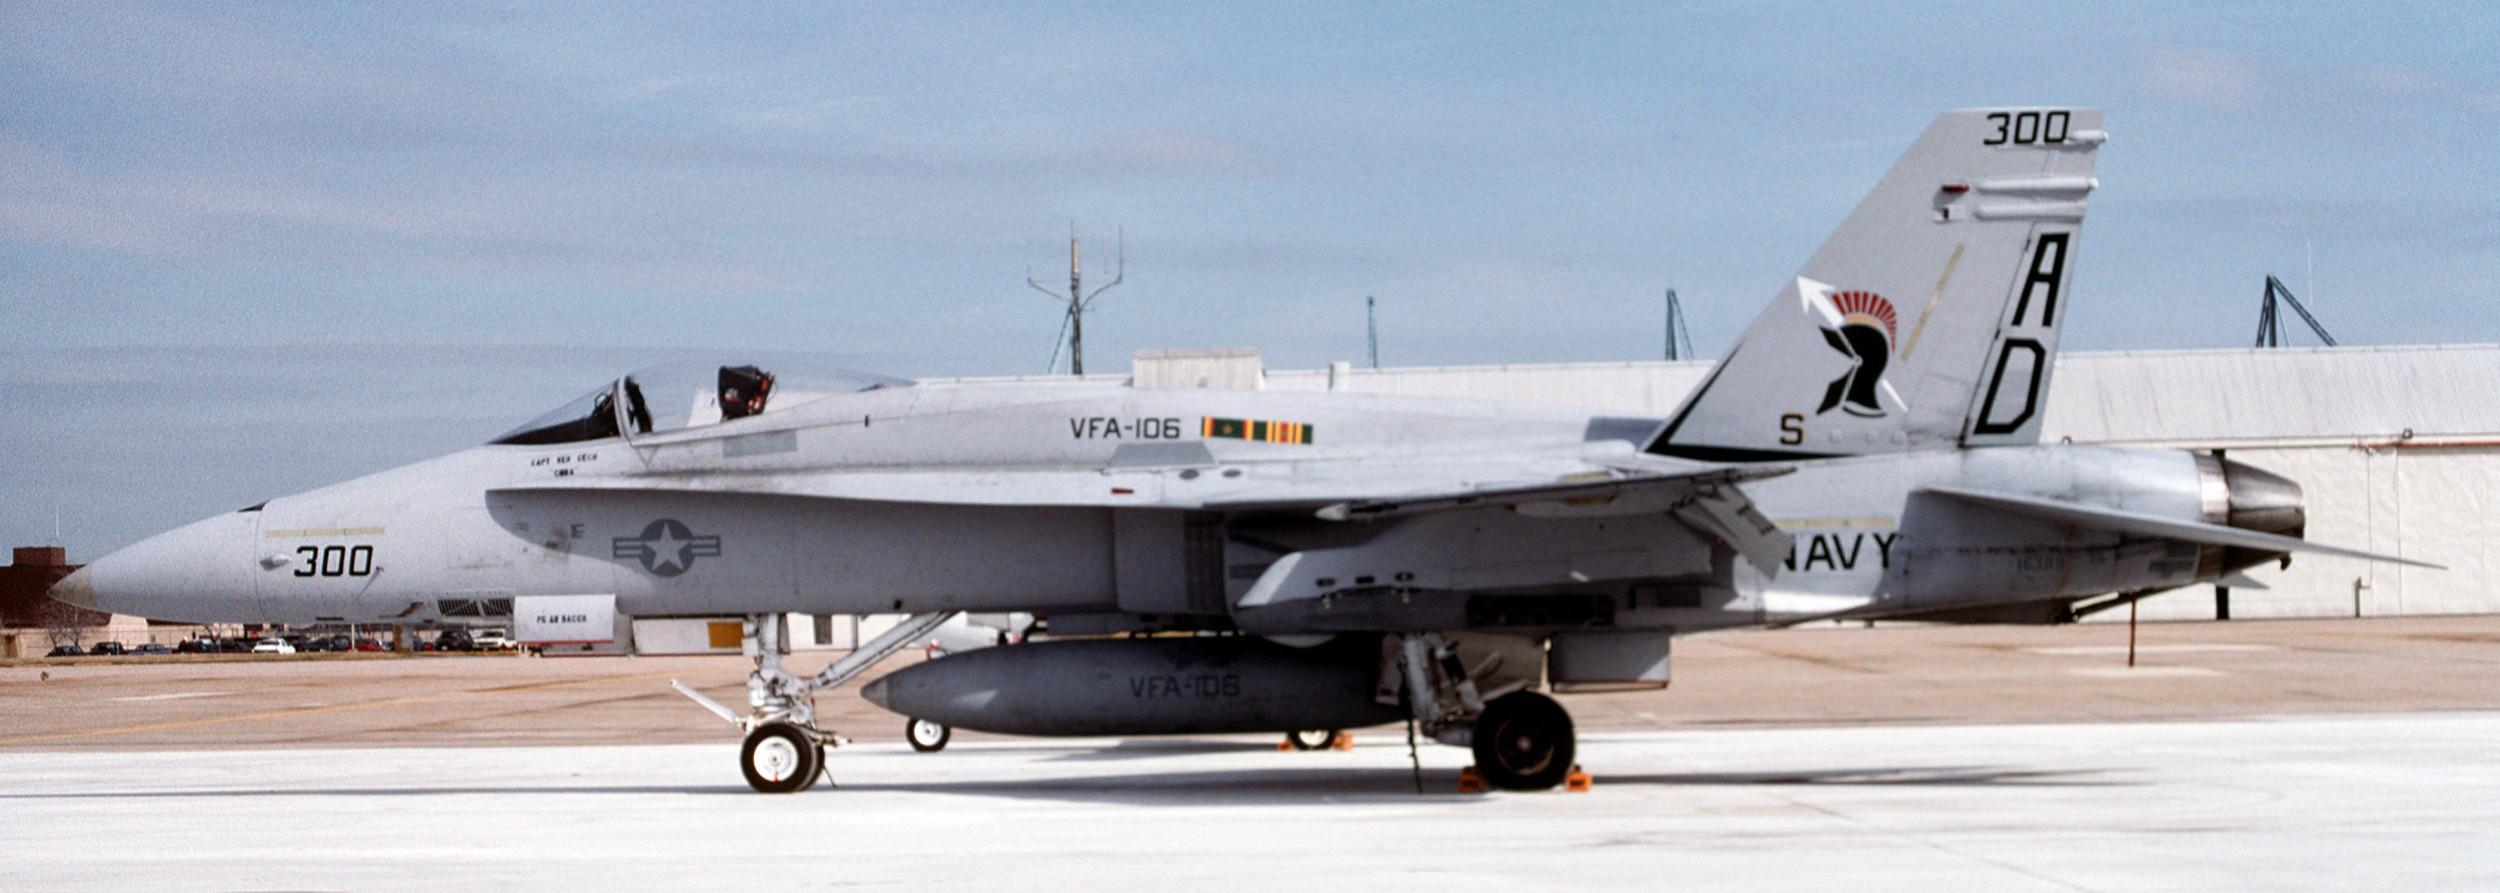 VFA-106 Gladiatoren US Marine F-18 Hornet Strike Kämpfer Geschwader Patch Set